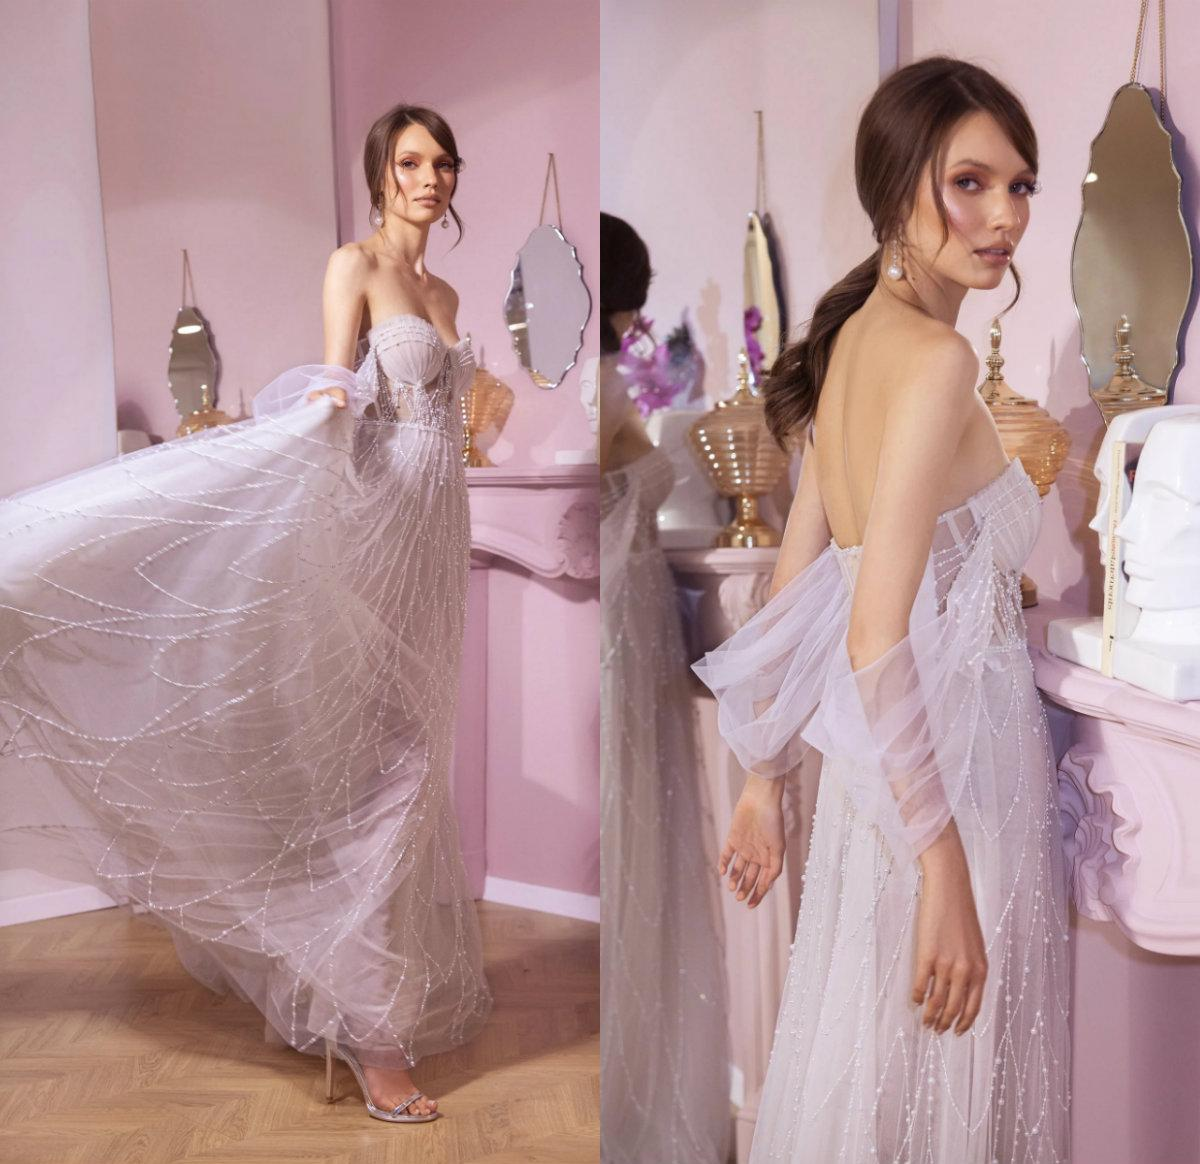 Off плеча Свадебные платья сшитое Pearls Бисероплетение Свадебные платья Дизайнер бисером длины пола Bridal платье